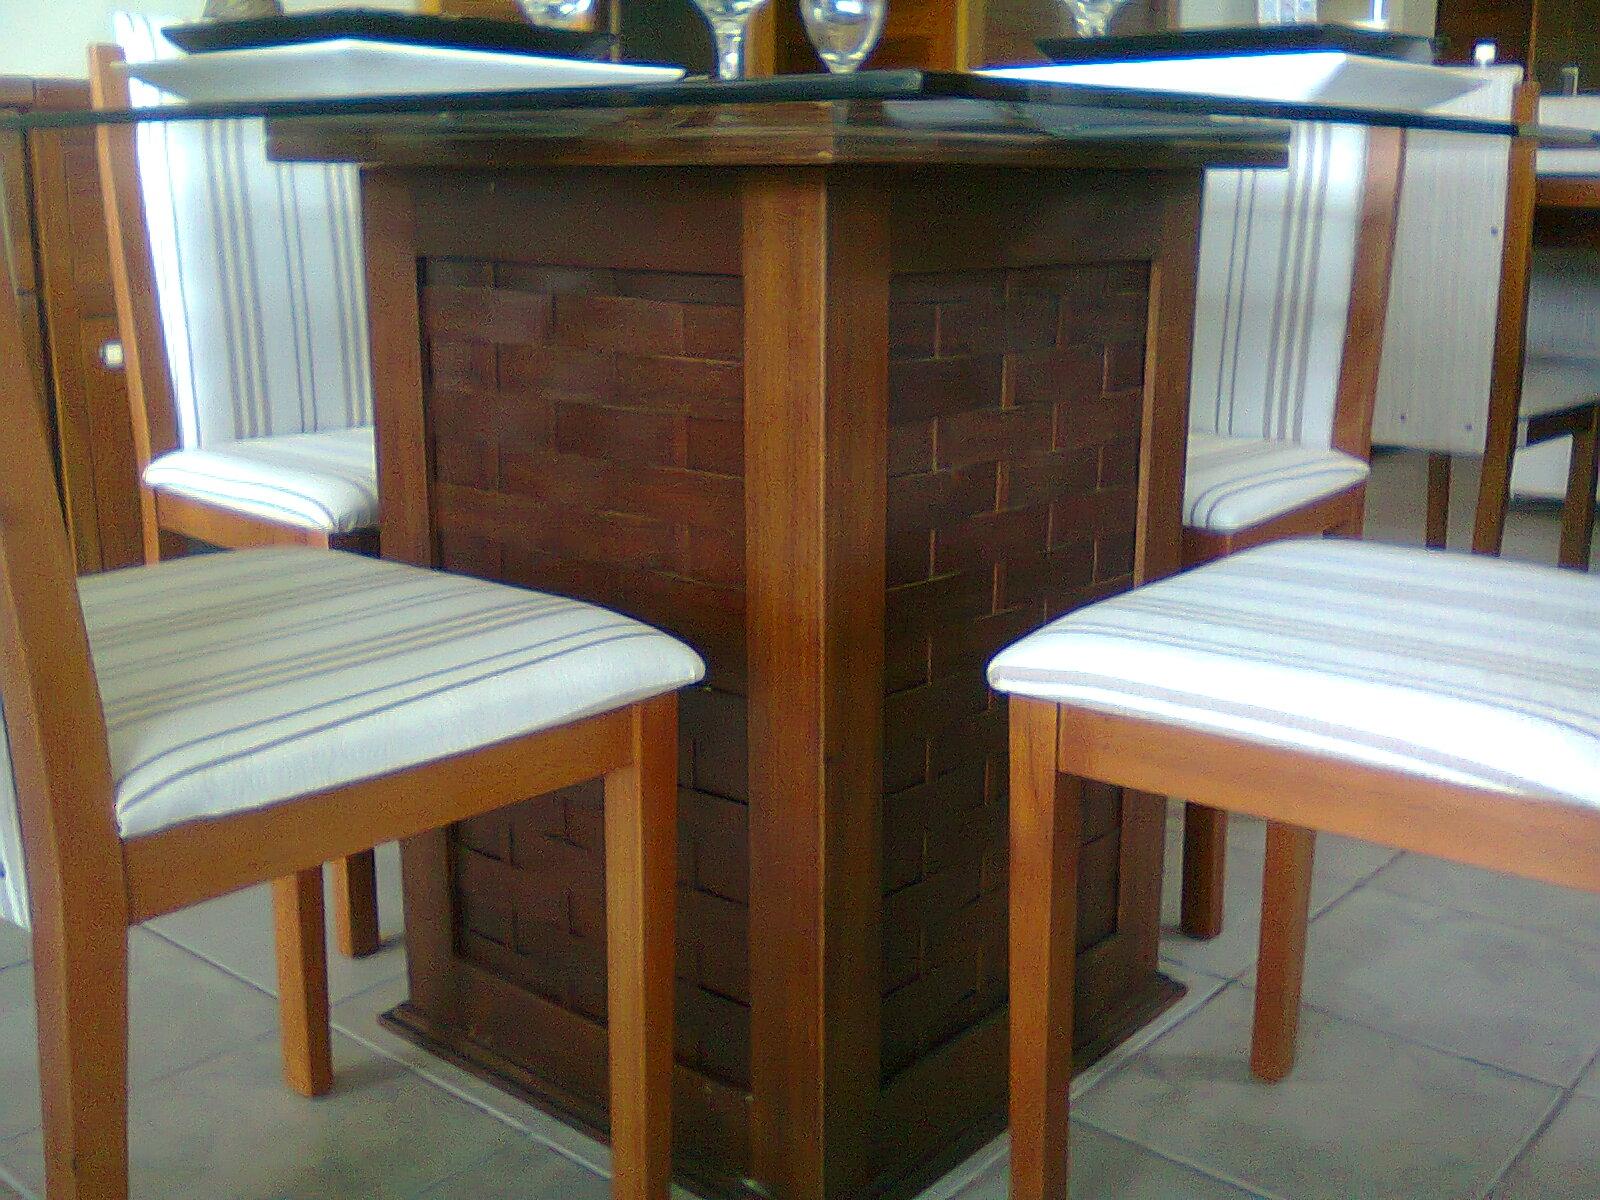 em madeira e MDF:   móveis feitos com reaproveitamento de madeira #6D4223 1600x1200